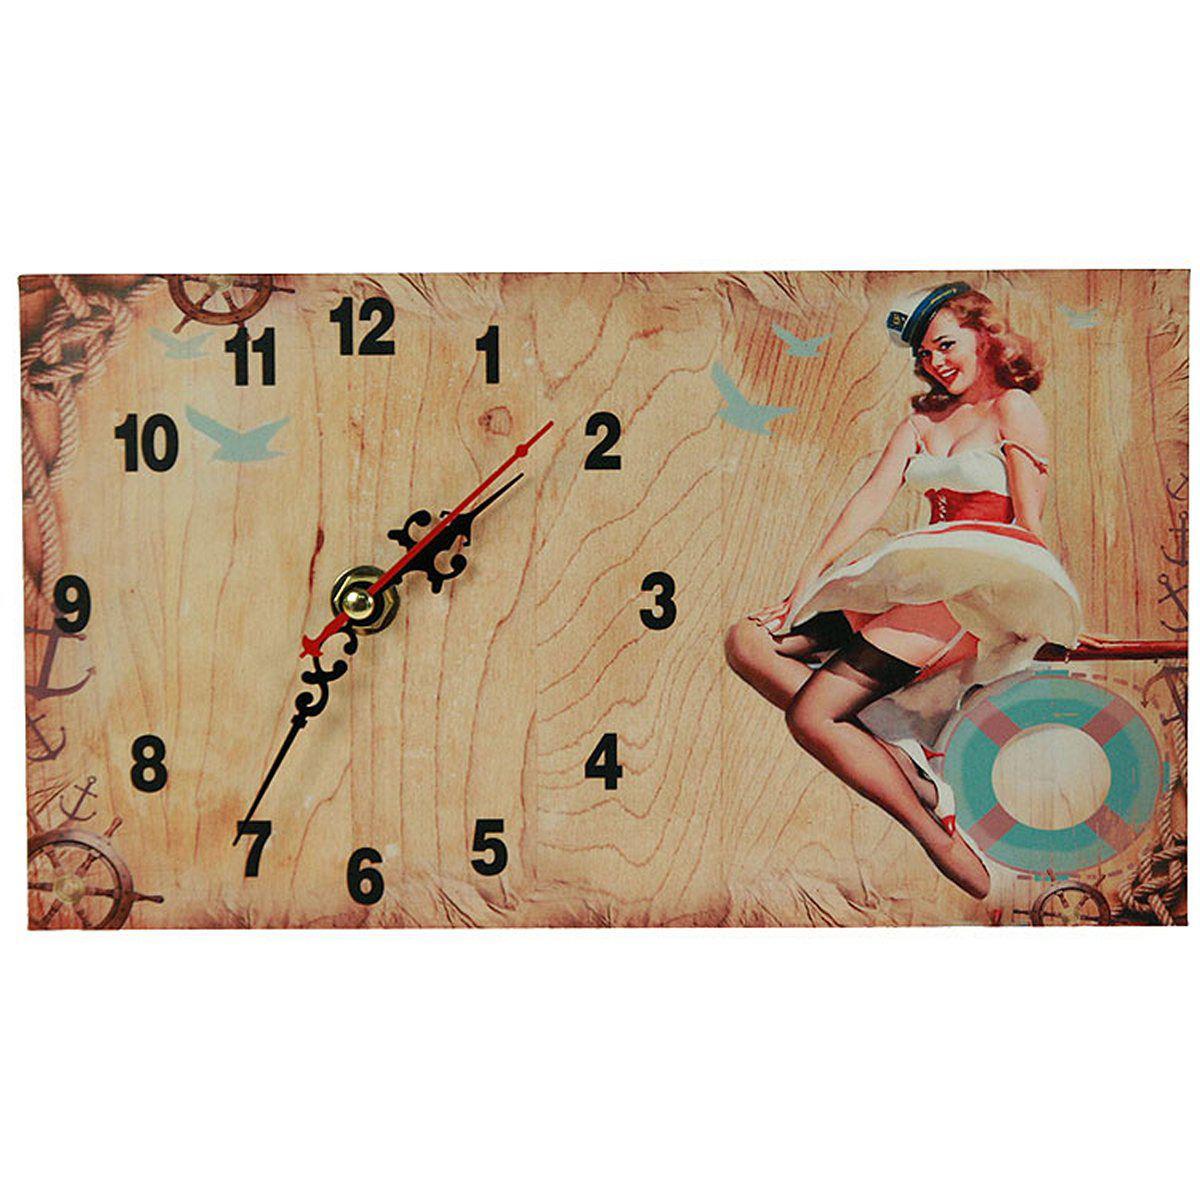 Часы настольные Русские Подарки Пин-ап, 13 х 23 см. 3823338233Настольные кварцевые часы Русские Подарки Пин-ап изготовлены из МДФ. Изделие оригинально оформлено изображением девушки в стиле Пин-ап. Часы имеют три стрелки - часовую, минутную и секундную. Такие часы украсят интерьер дома или рабочий стол в офисе. Также часы могут стать уникальным, полезным подарком для родственников, коллег, знакомых и близких. Часы работают от батареек типа АА (в комплект не входят).